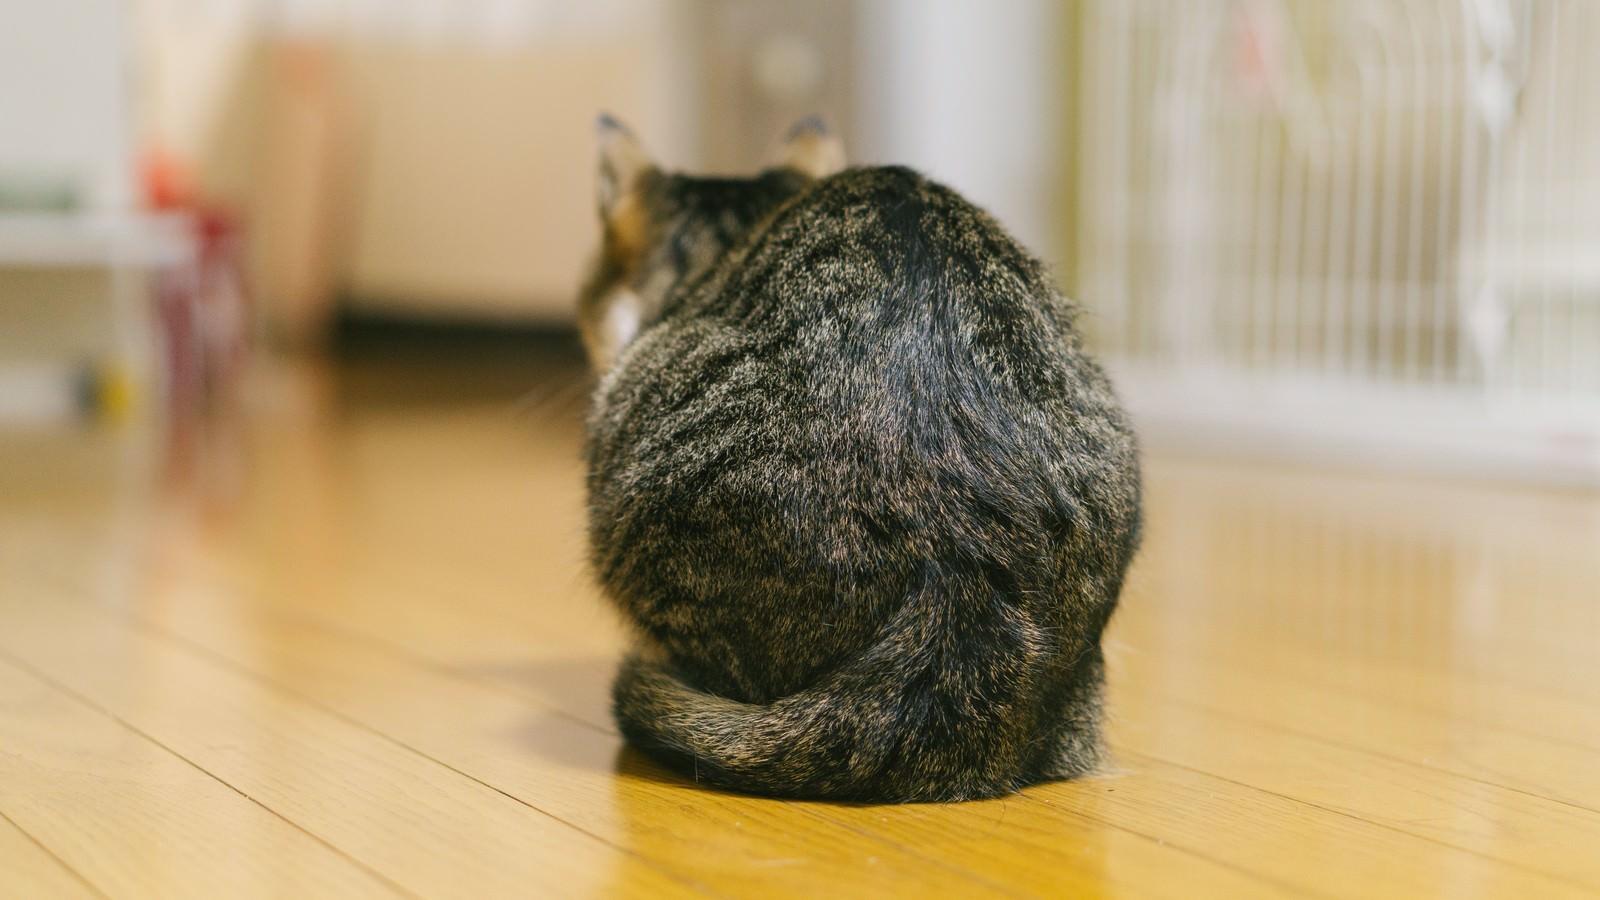 「猫背 フリー素材」の画像検索結果